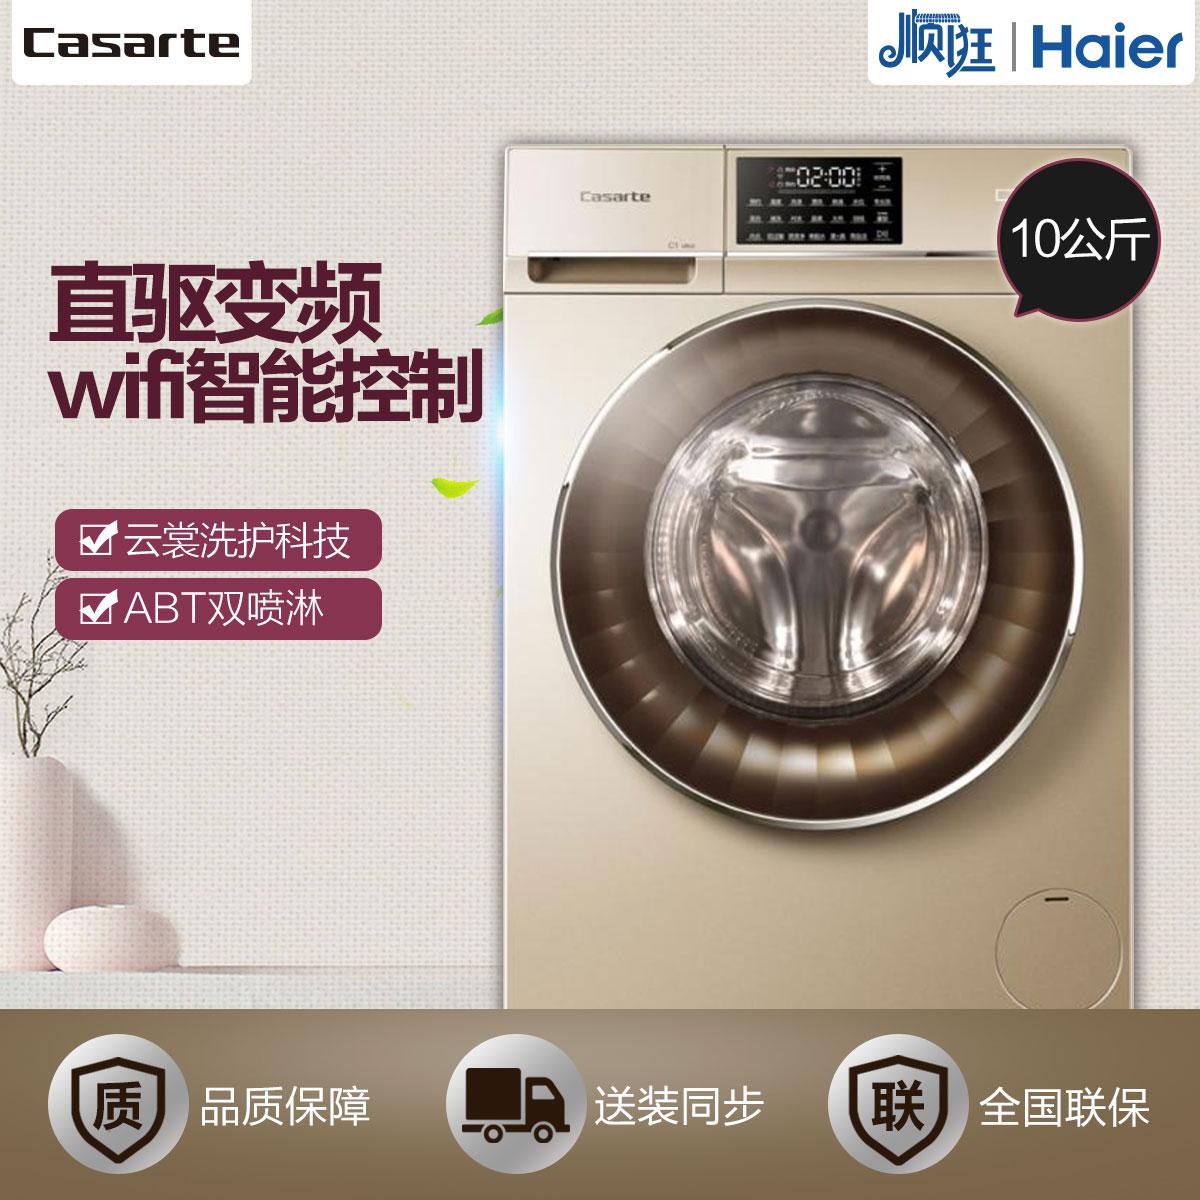 Casarte/卡萨帝             滚筒洗衣机             C1 HU10G3